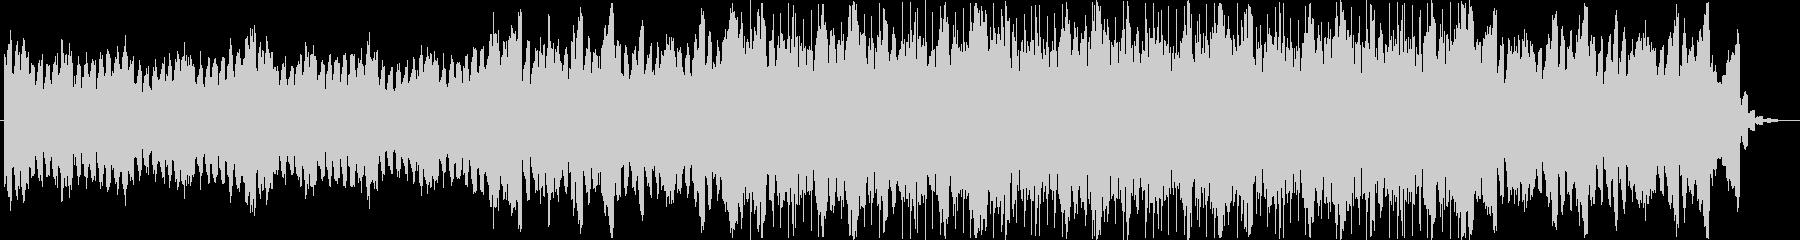 シンセ音のエレクトロニカ系BGMの未再生の波形